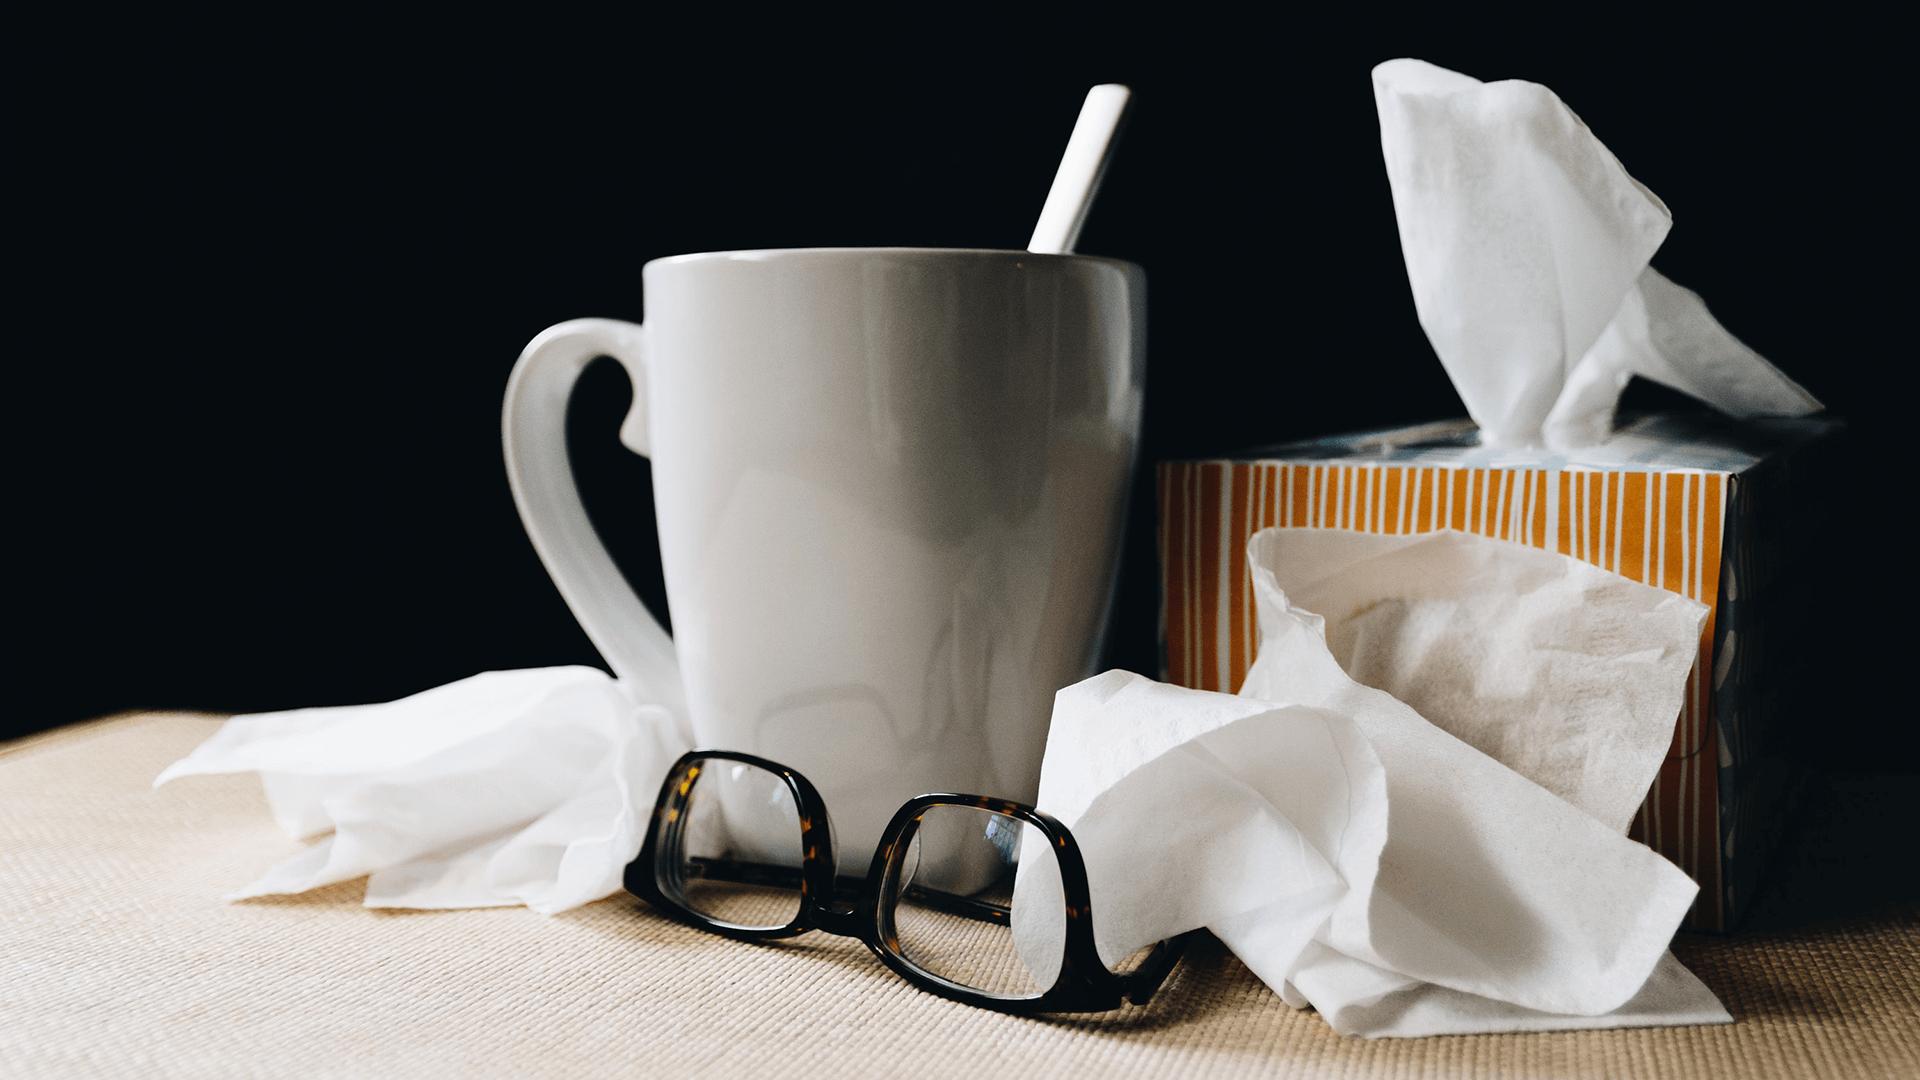 StatMed Urgent Care Center Fever Management